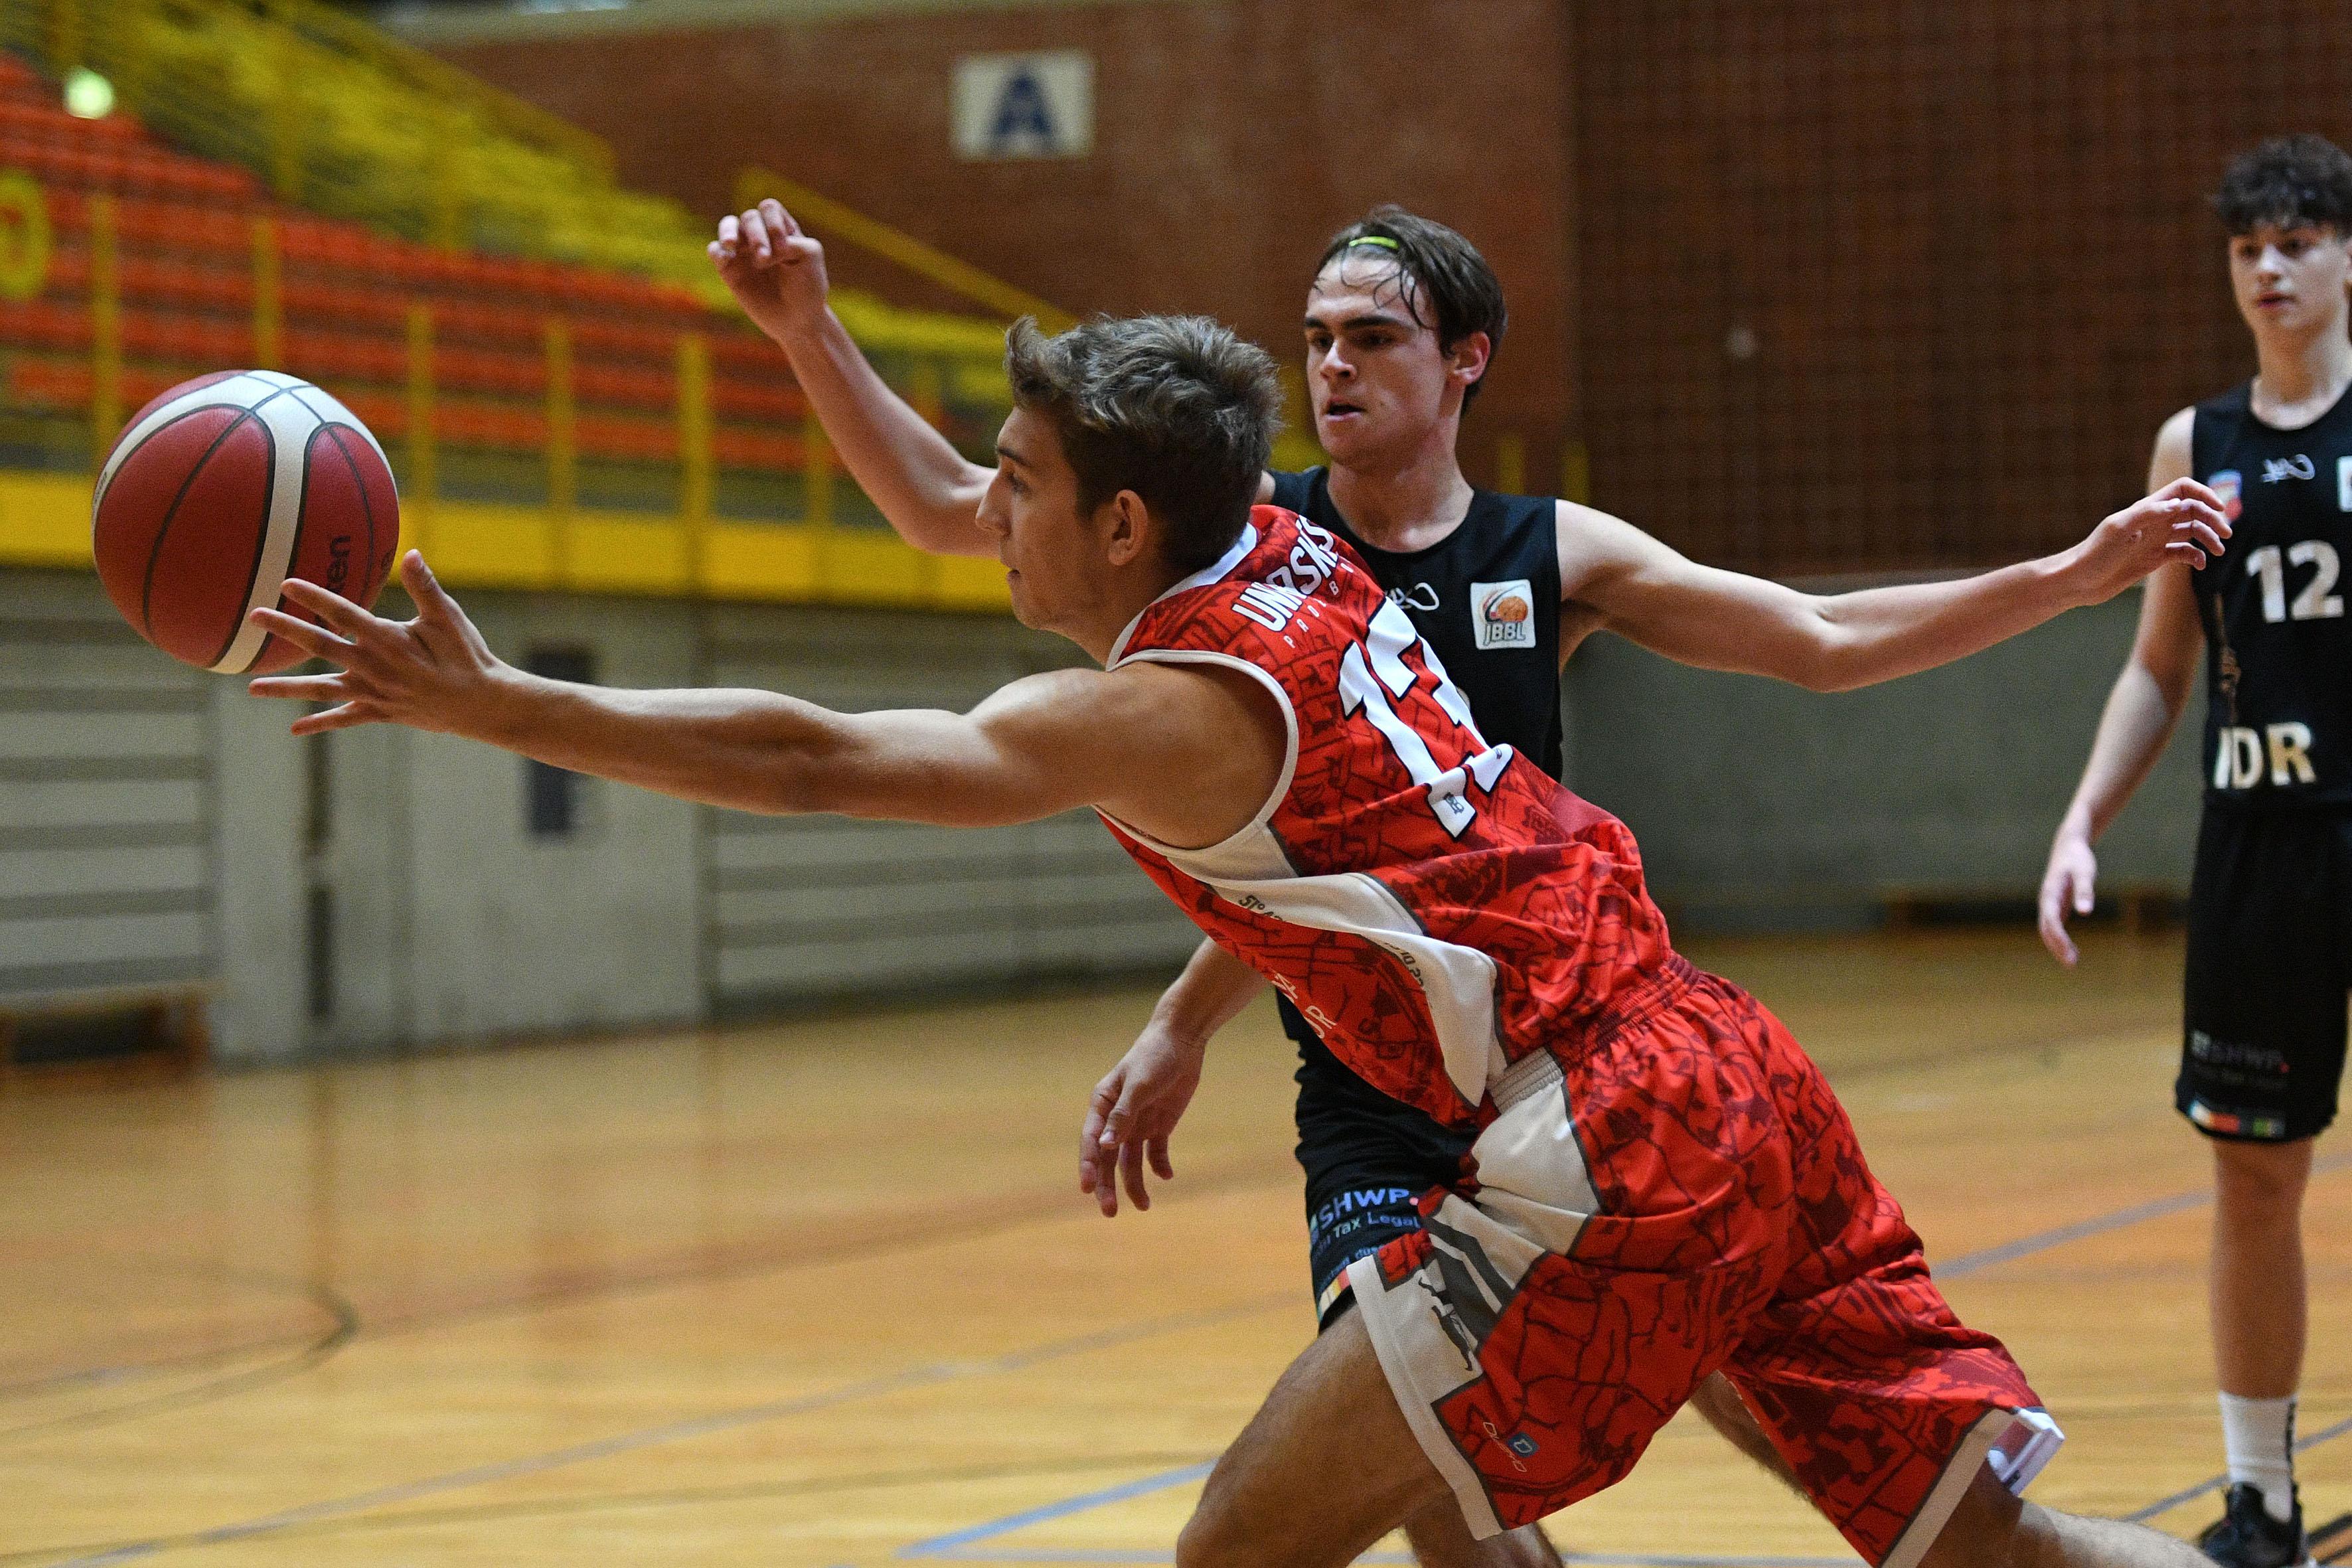 2020-10-11-JBBL-Uni-Baskets-Paderborn-ART-Giants-Duesseldorf_7294